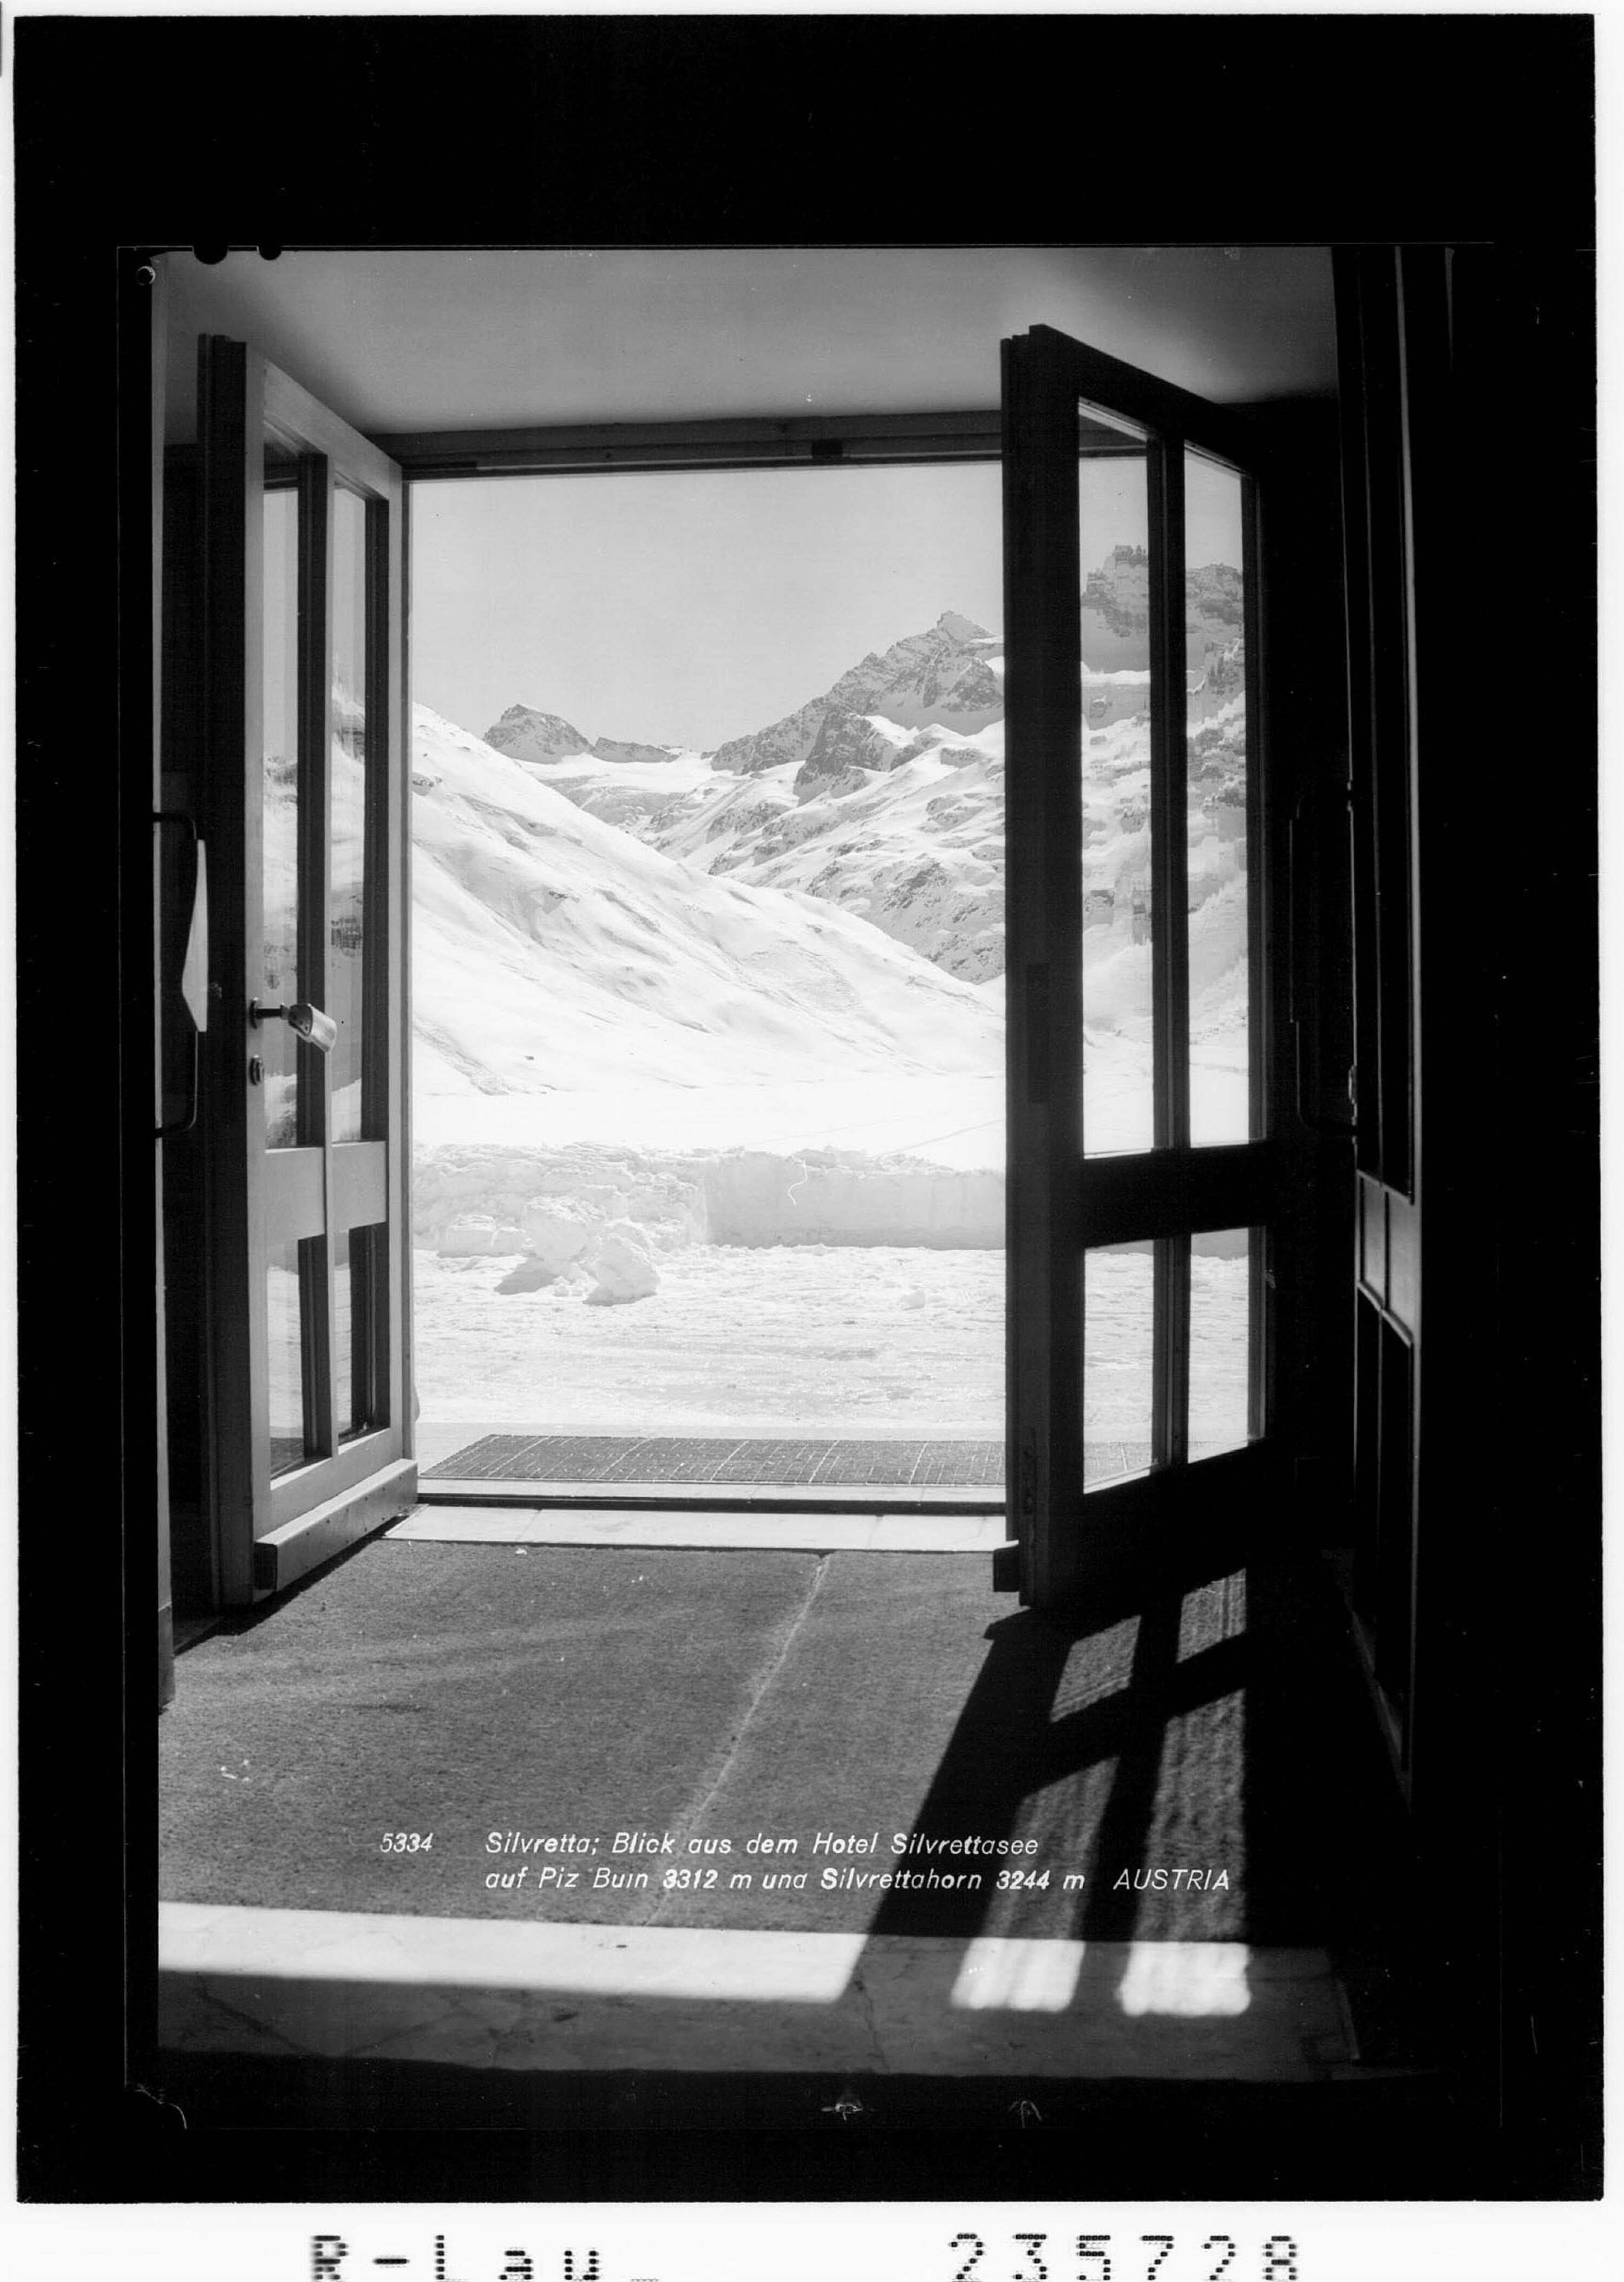 Silvretta / Blick aus dem Hotel Silvrettasee auf Piz Buin 3312 m und Silvrettahorn 3244 m / Austria von Rhomberg